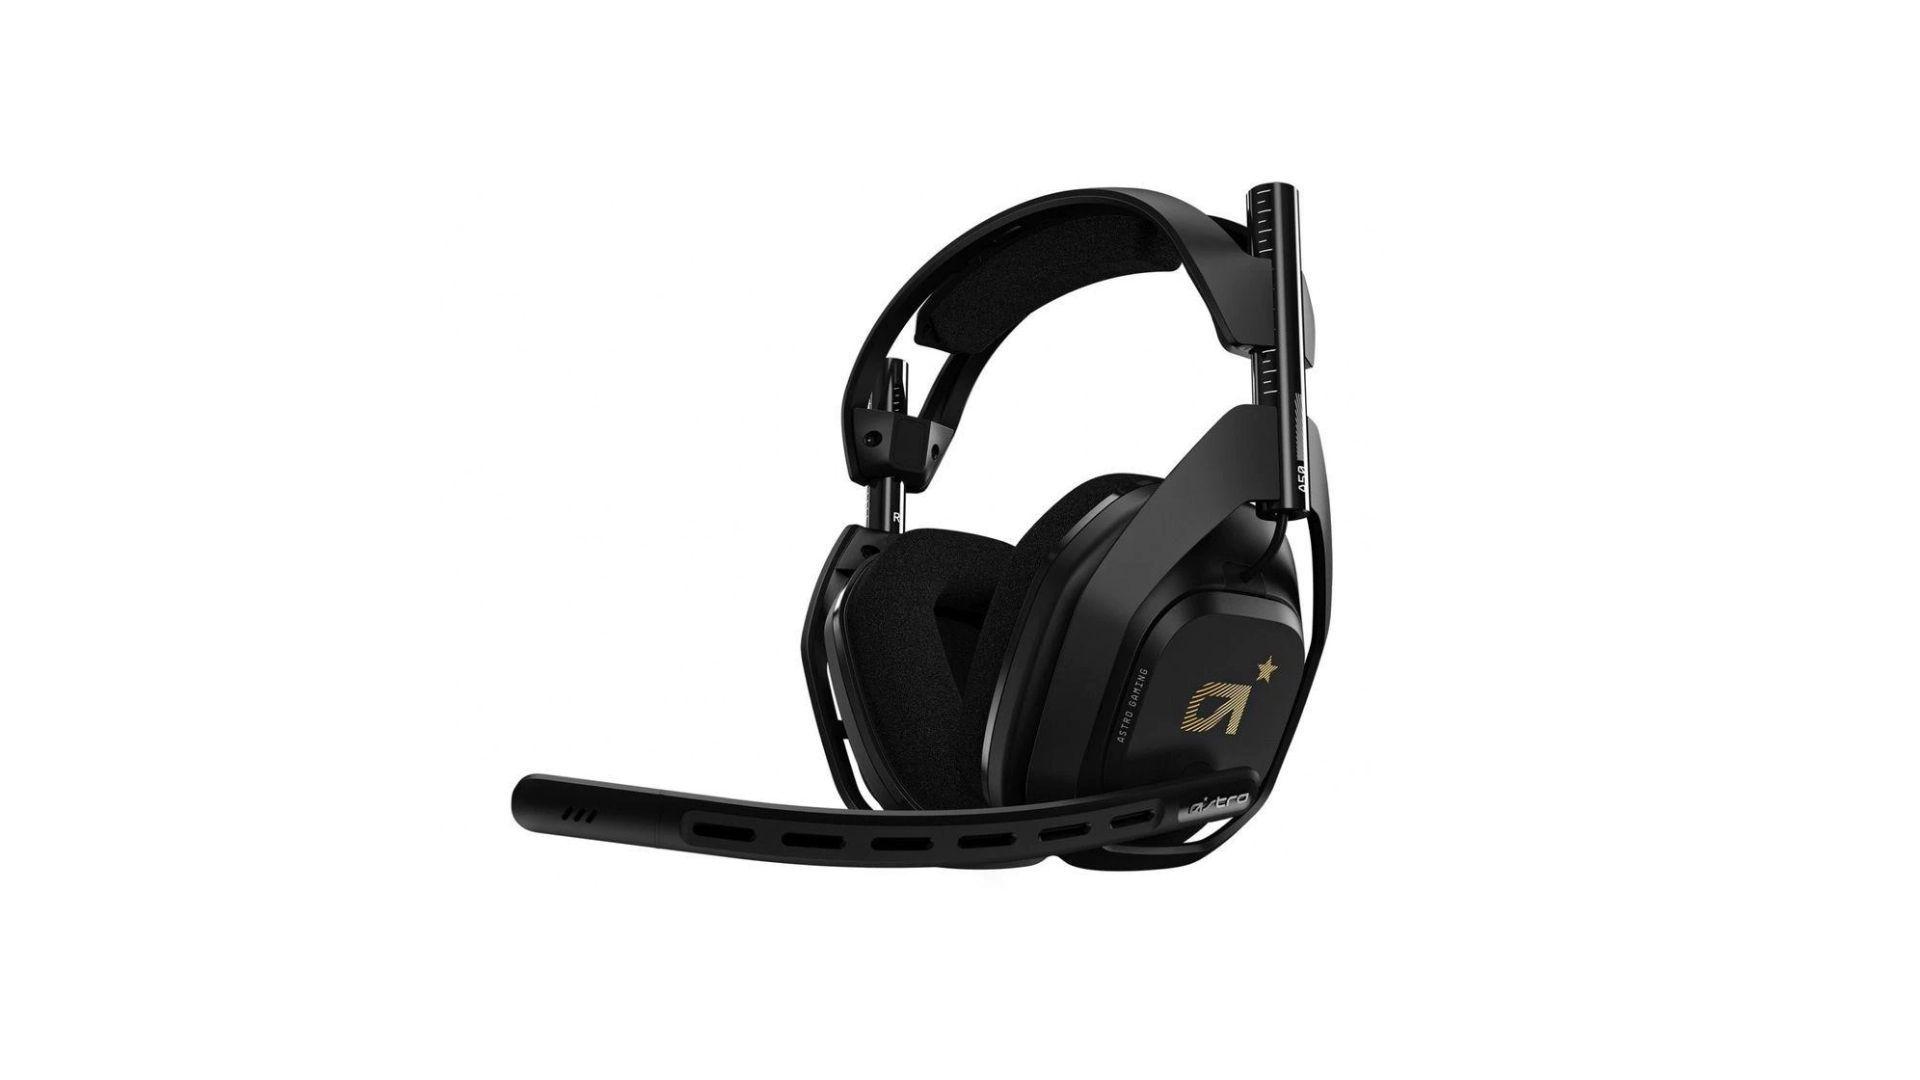 Headset Xbox One Astro A50 na cor preta com detalhes em dourado